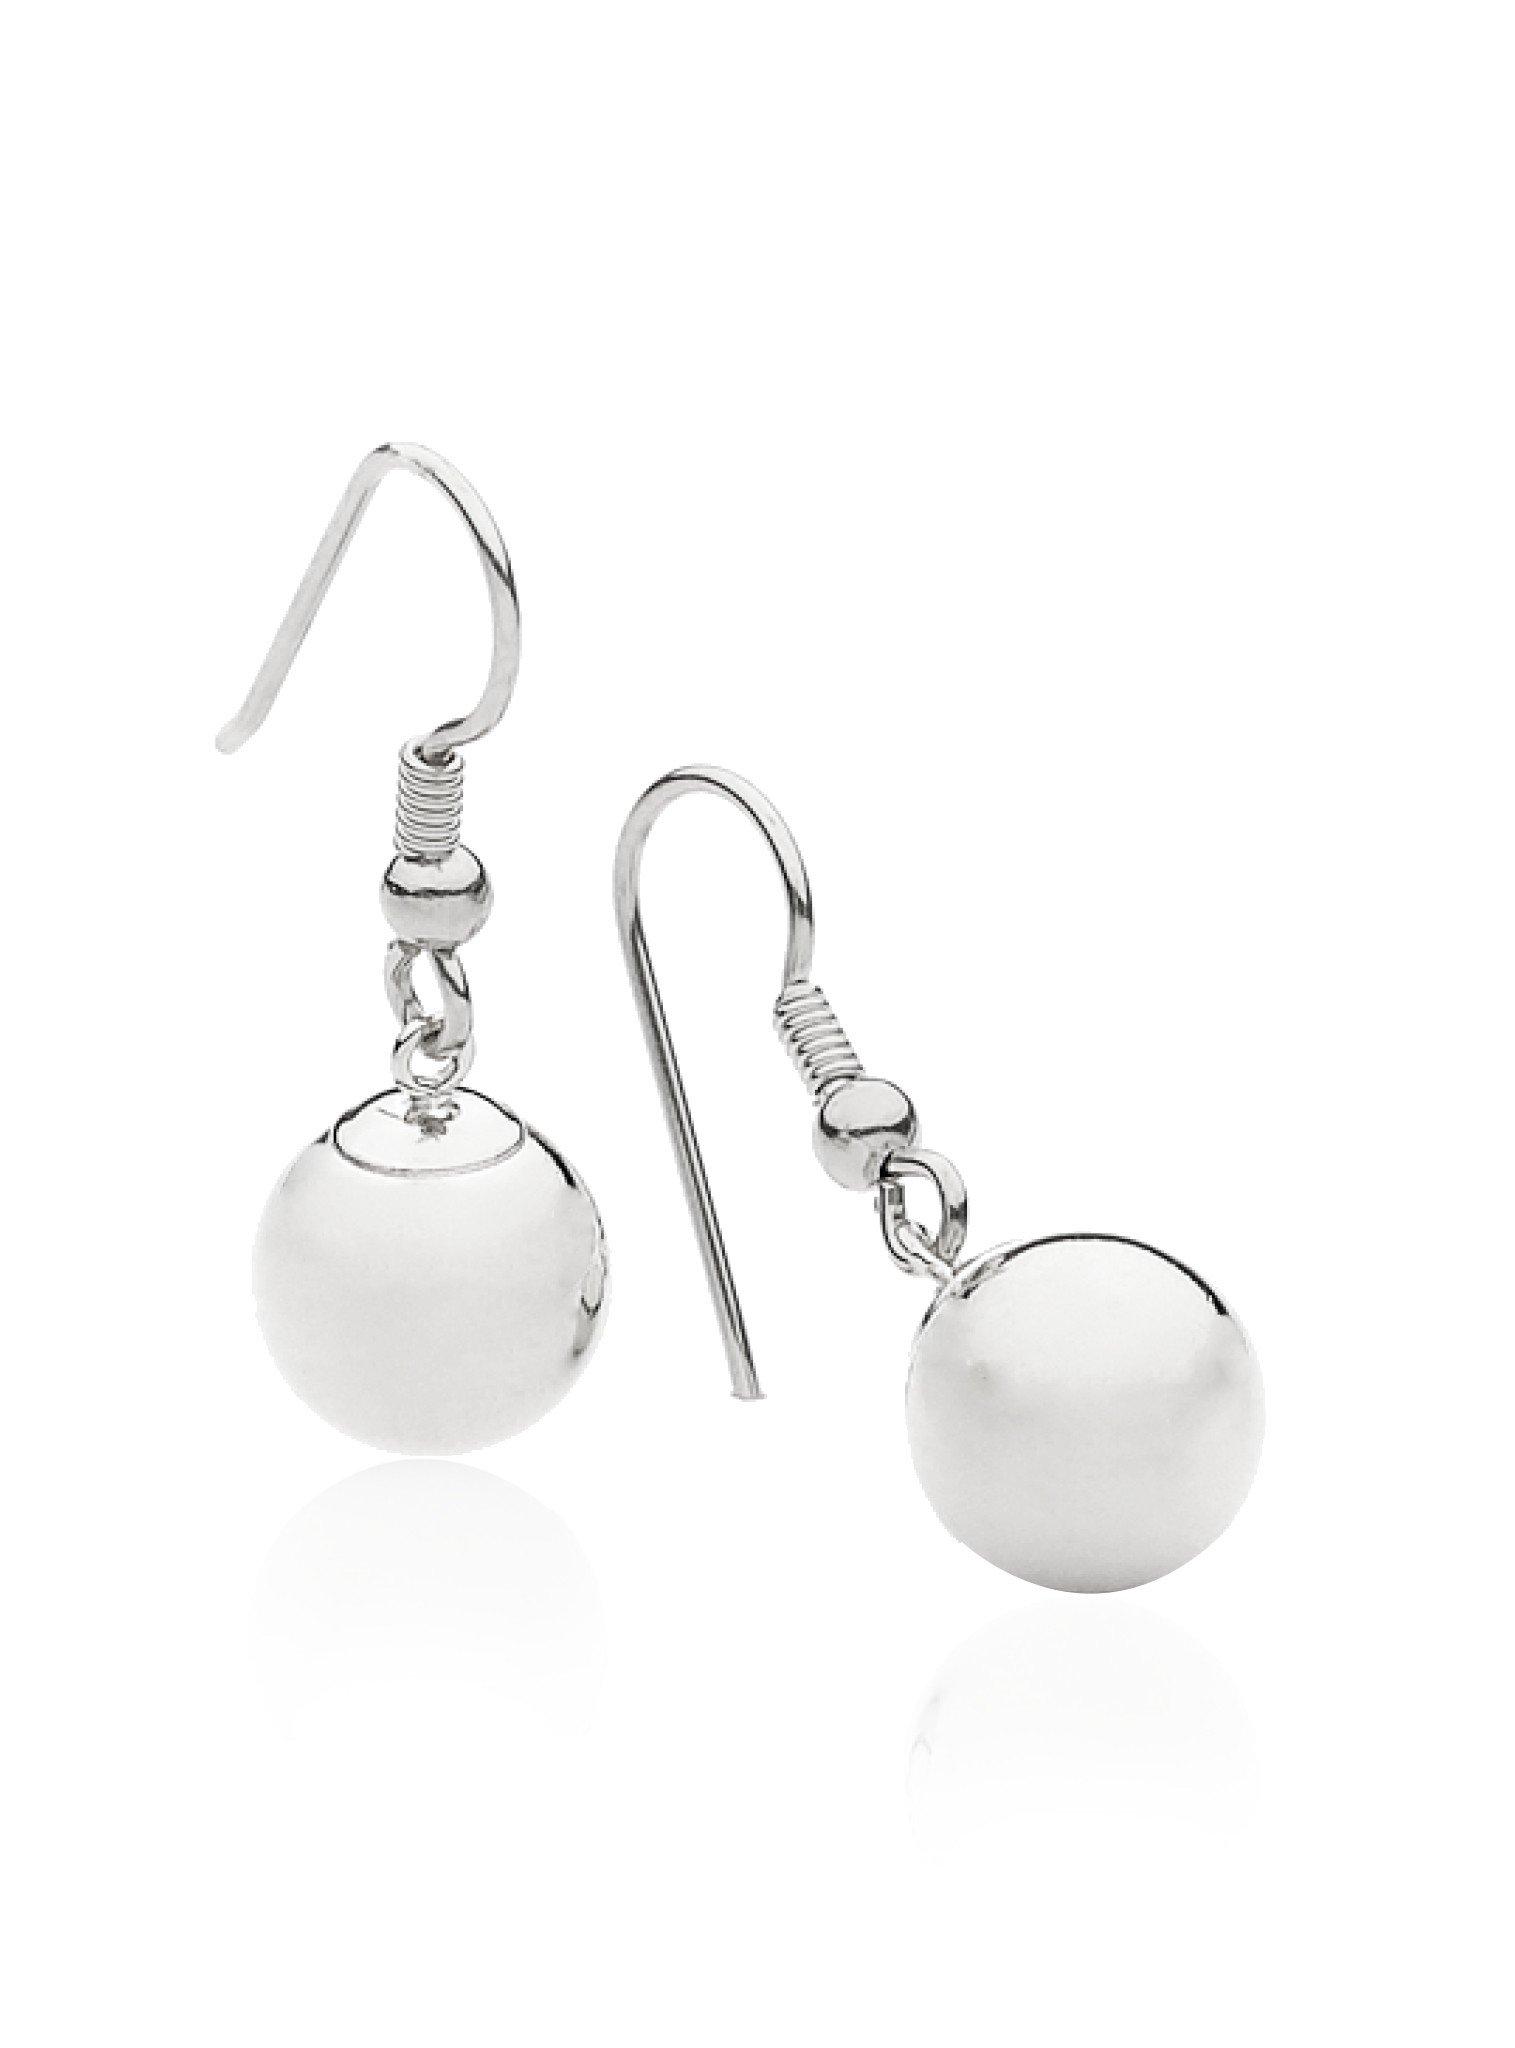 Ball Bead Hook Earrings in Sterling Silver 925